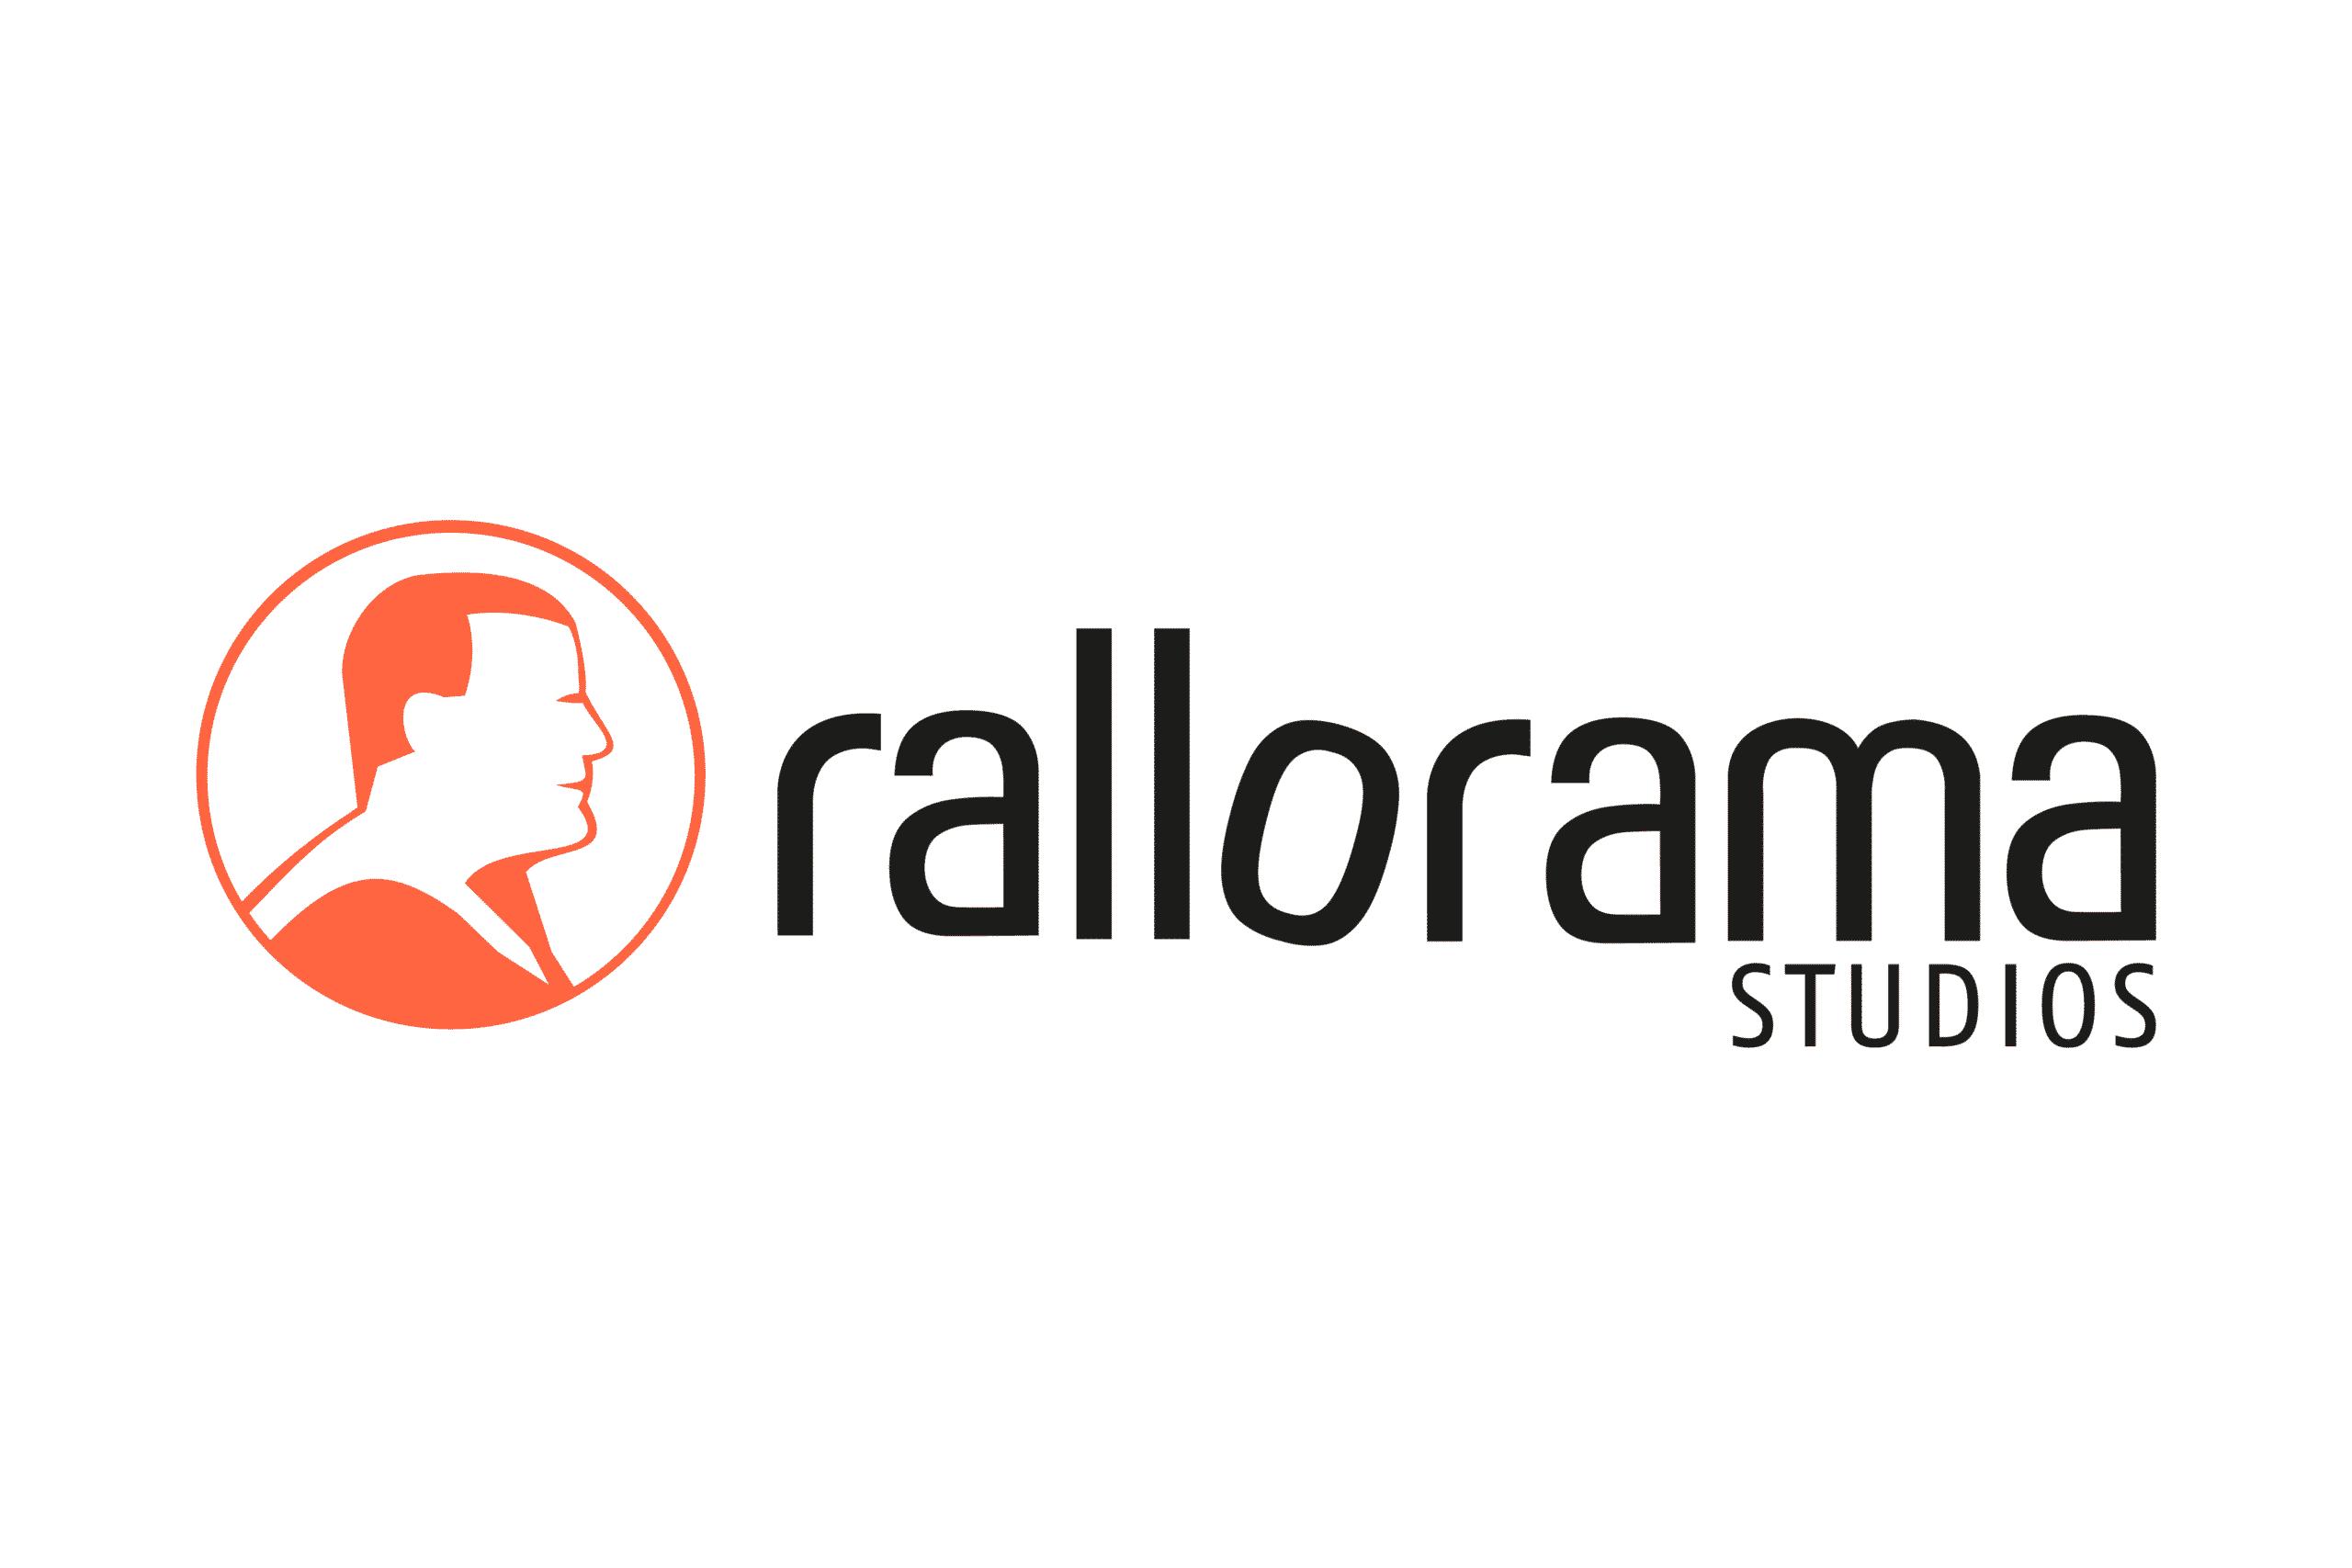 manomaniac-logos-all-20